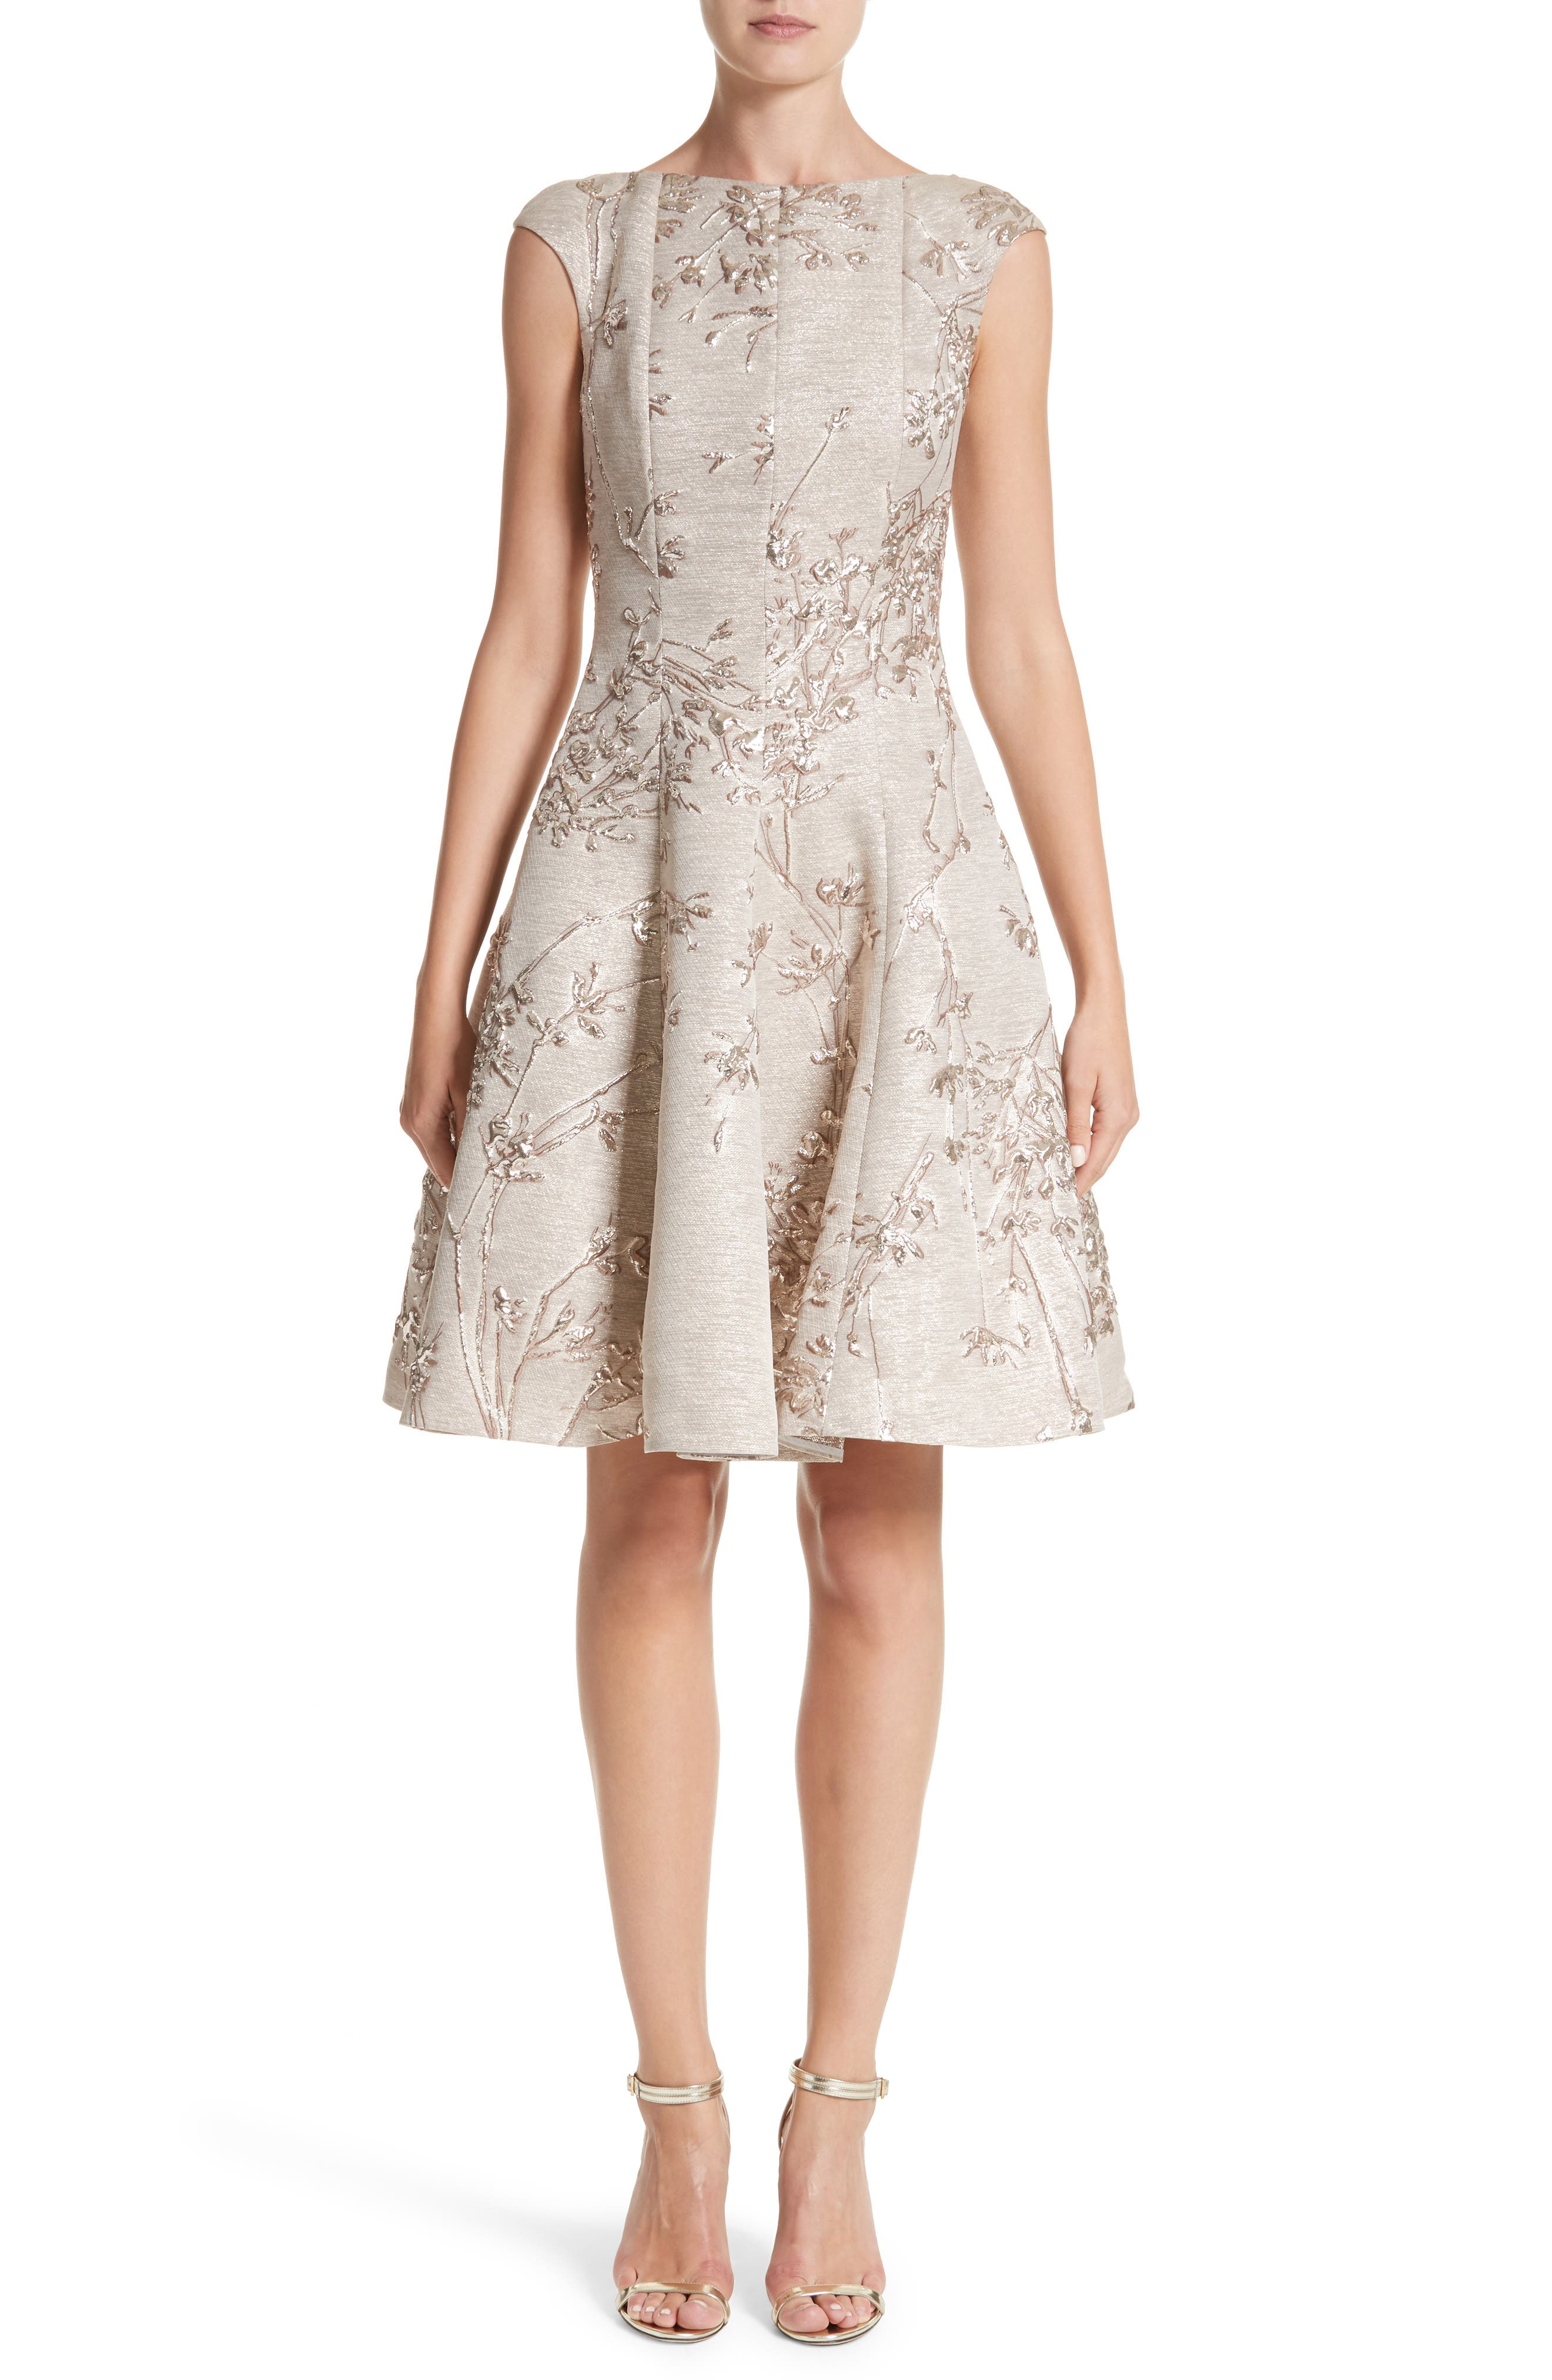 Main Image - Talbot Runhof Metallic Twig Jacquard Dress